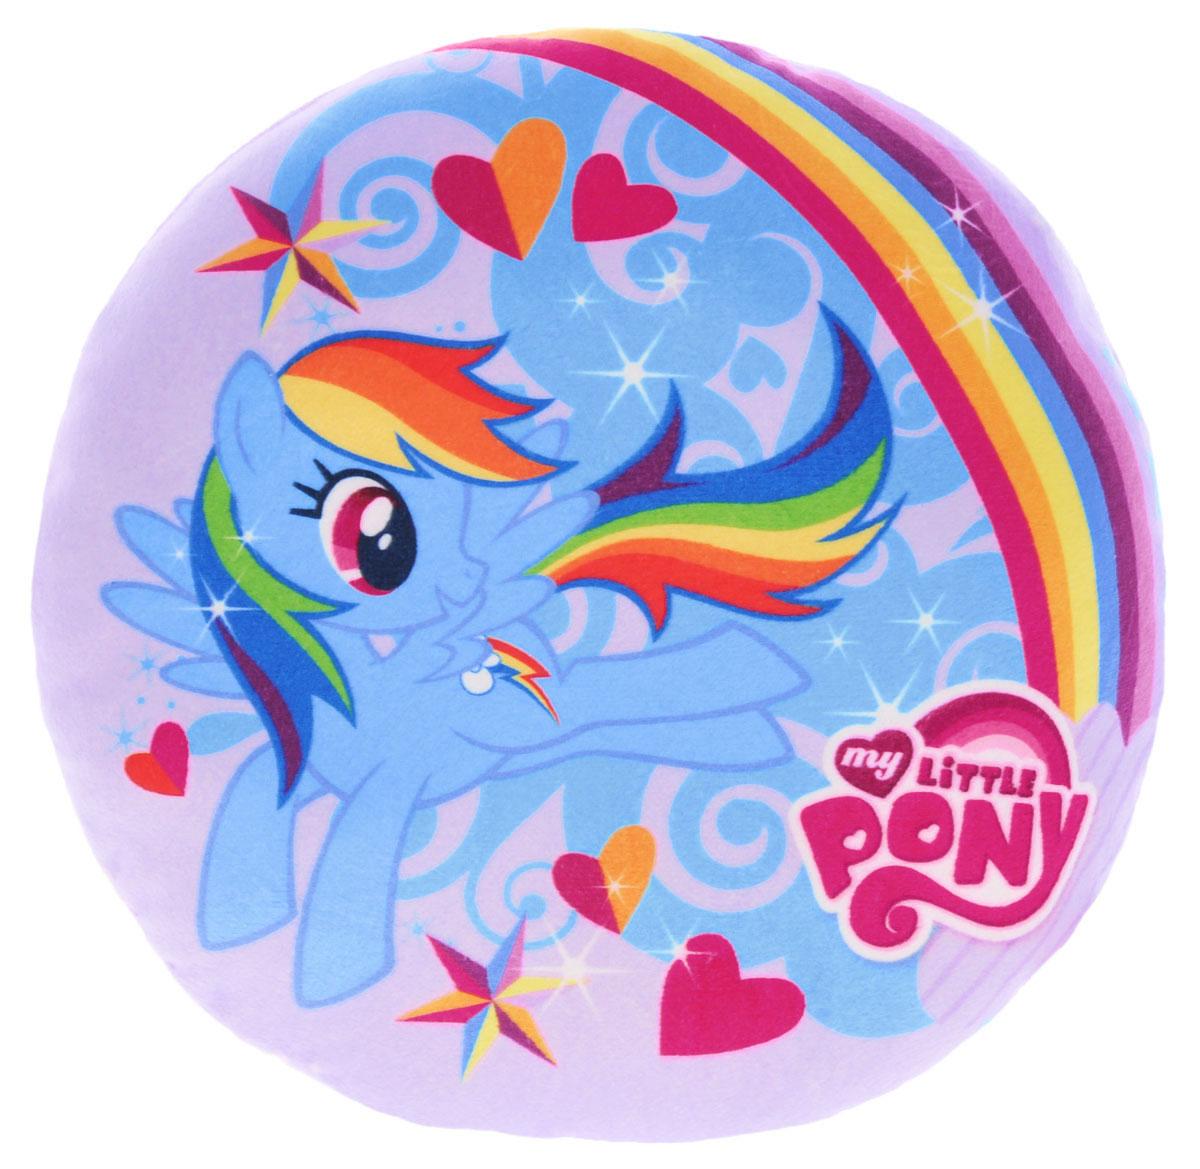 My Little Pony ПодушкаK33114AЯркая подушка My Little Pony в форме круга обязательно придется по душе маленьким любительницам волшебных пони. На подушке изображена пони Радуга, летящая по небу в окружении сердечек и звездочек. Эта мягкая подушка изготовлена из гипаллергенного материала, поэтому на ней можно лежать и даже сидеть. Благодаря своей красивой раскраске, подушку можно использовать, как часть интерьера. Ее можно стирать в прохладной воде, а также сушить в машинке. При этом она не теряет форму и яркие цвета. Такая подушка непременно понравится вашей девочке.